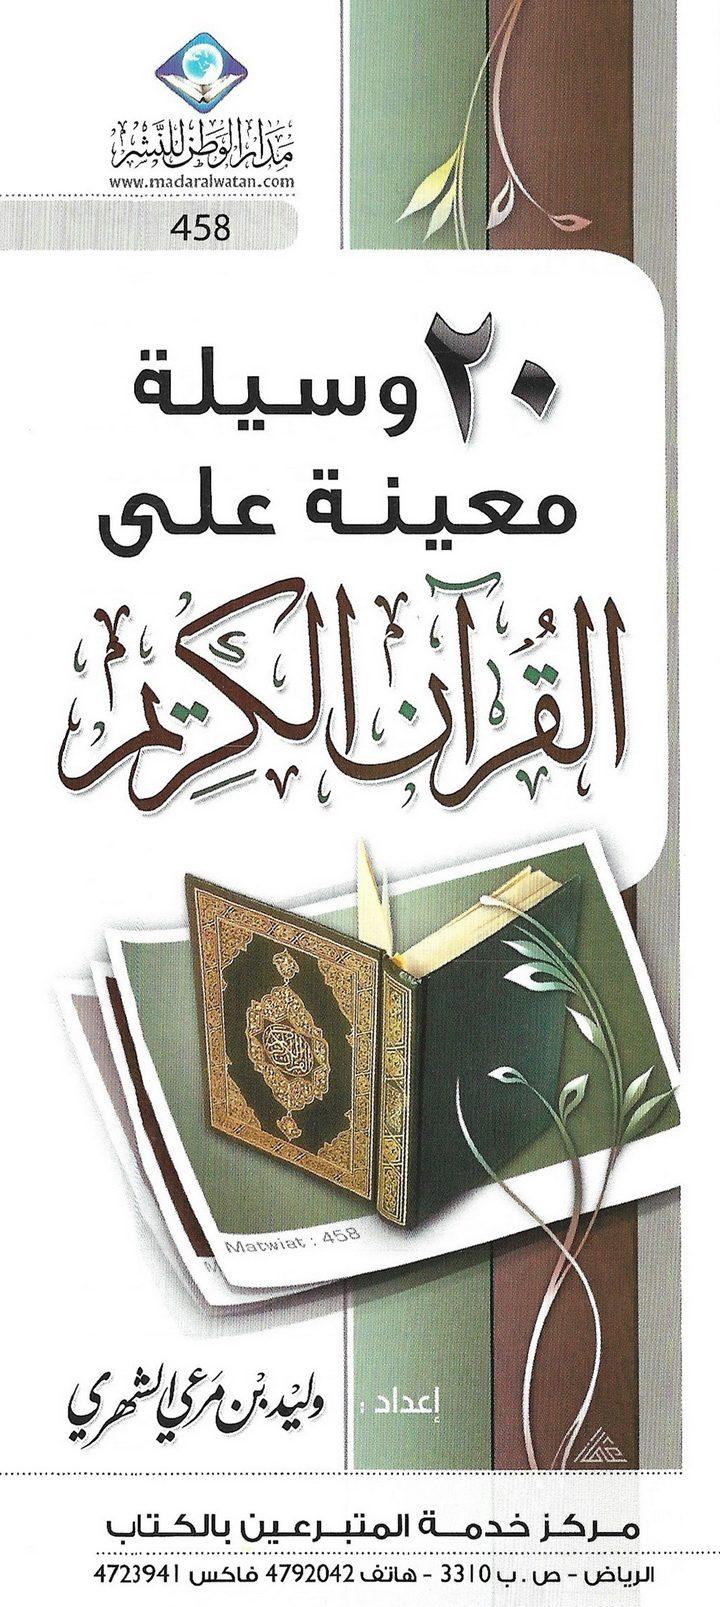 20 وسيلة معينة على القرآن الكريم (وليد بن مرعي الشهري – مدار الوطن للنشر)